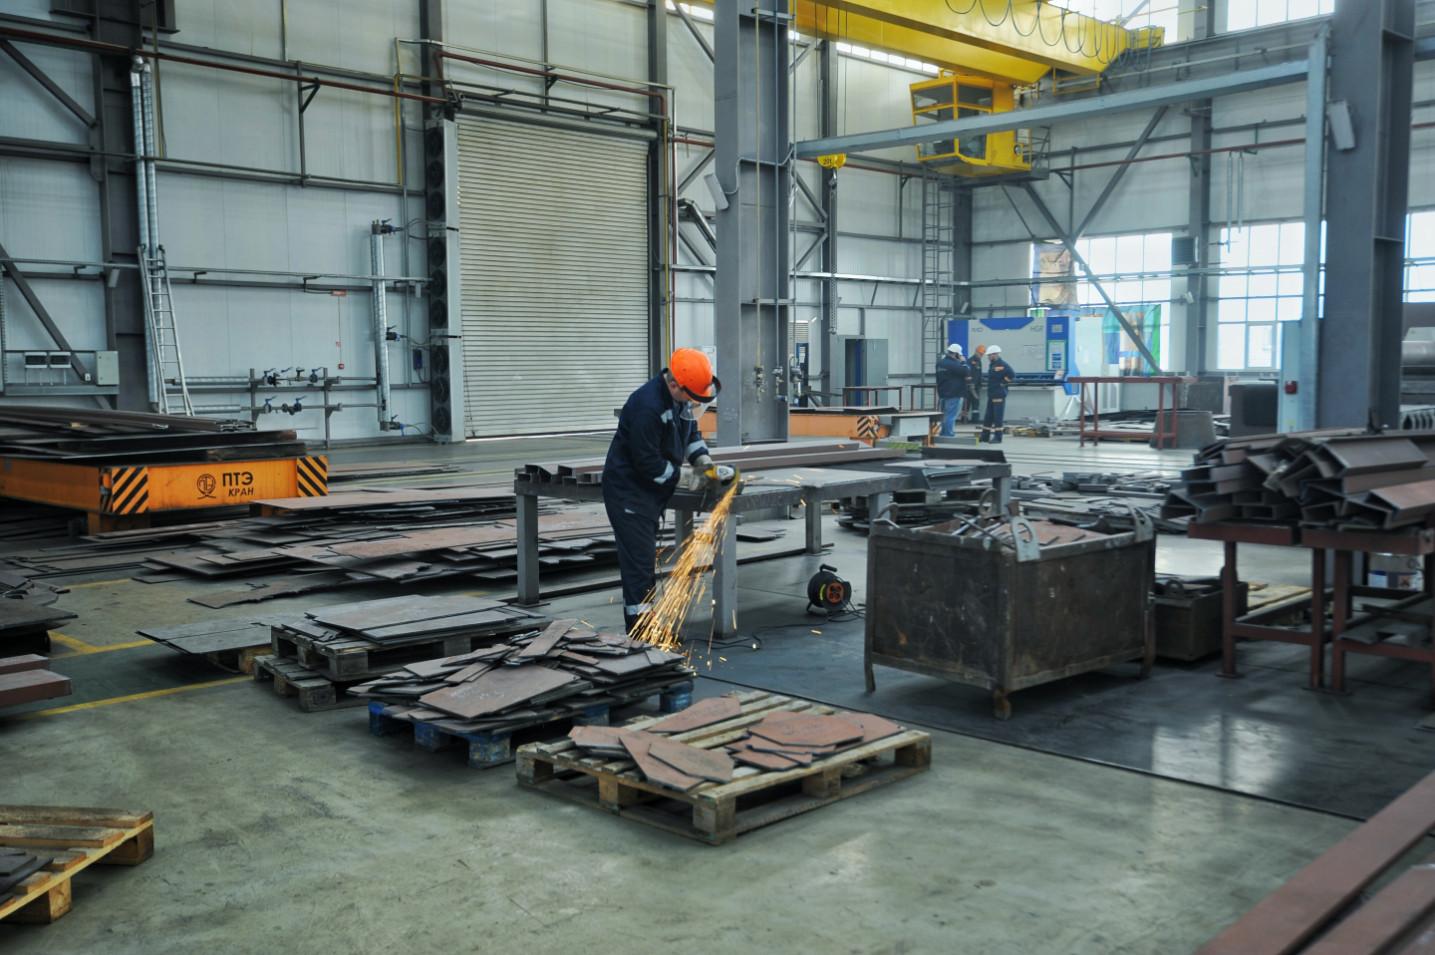 Підготовчі роботи для будівництва уже третього несамохідного судна-майданчика пр. В1500 (зам. 10037)